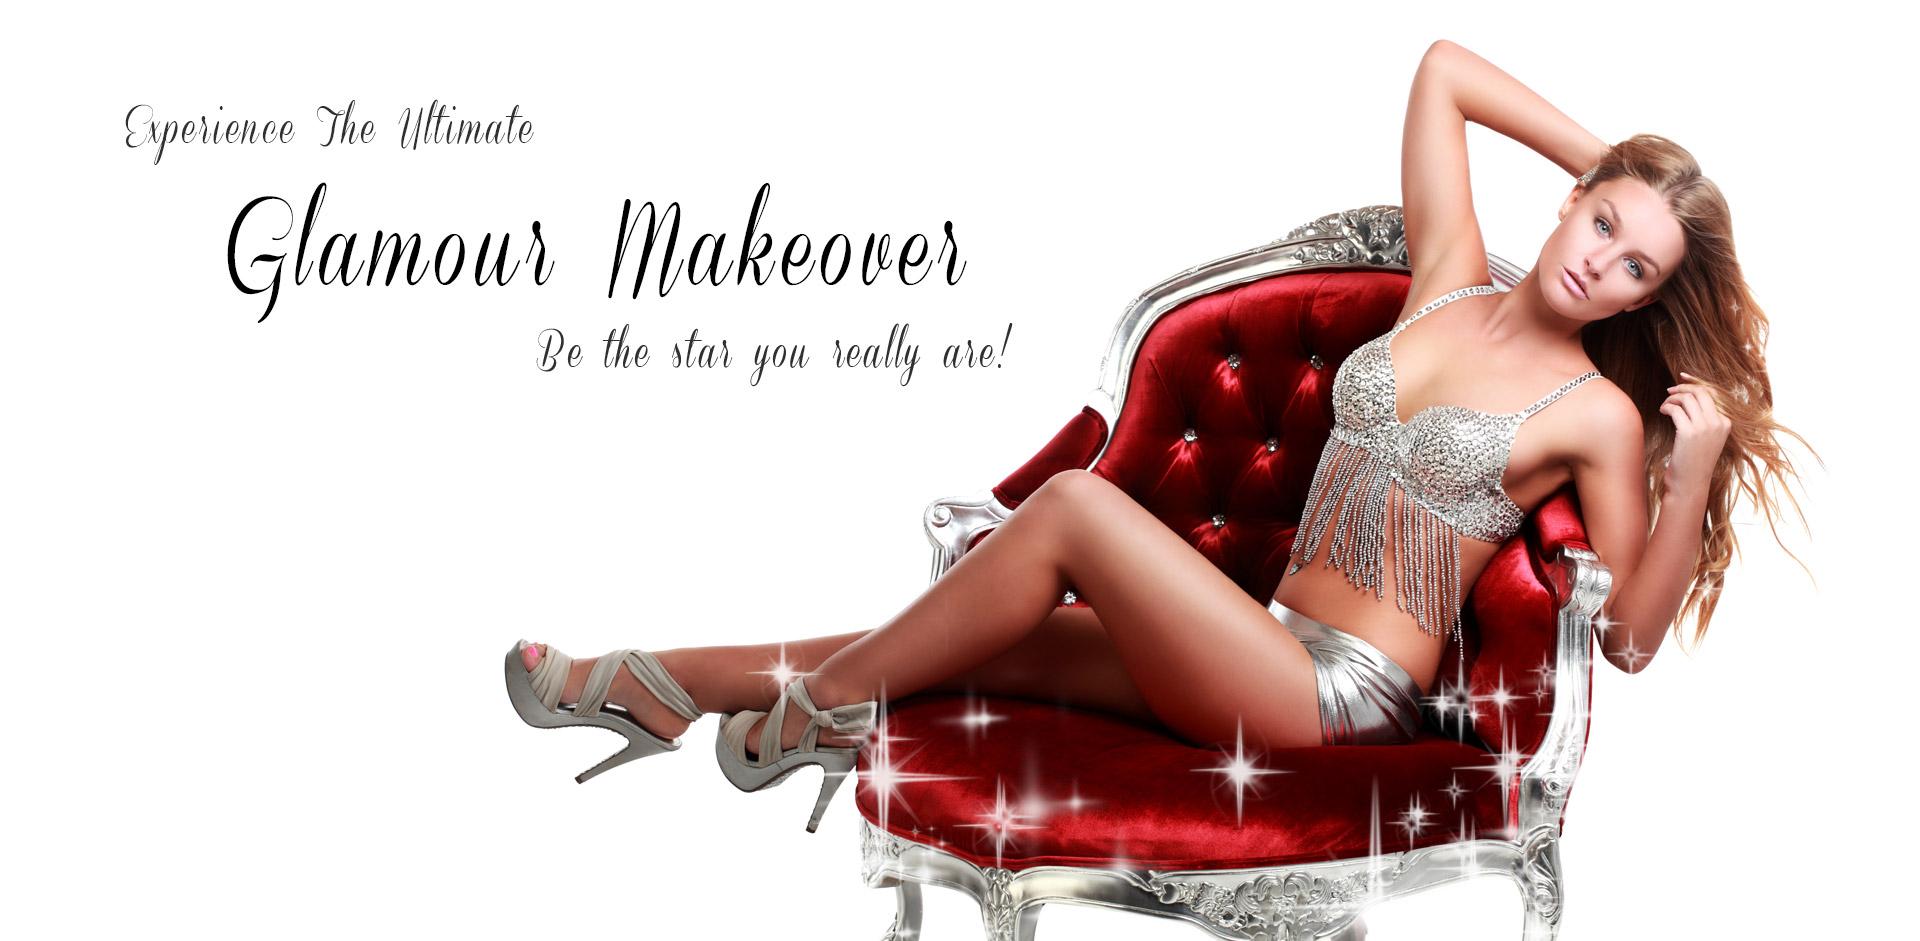 glamour makeover